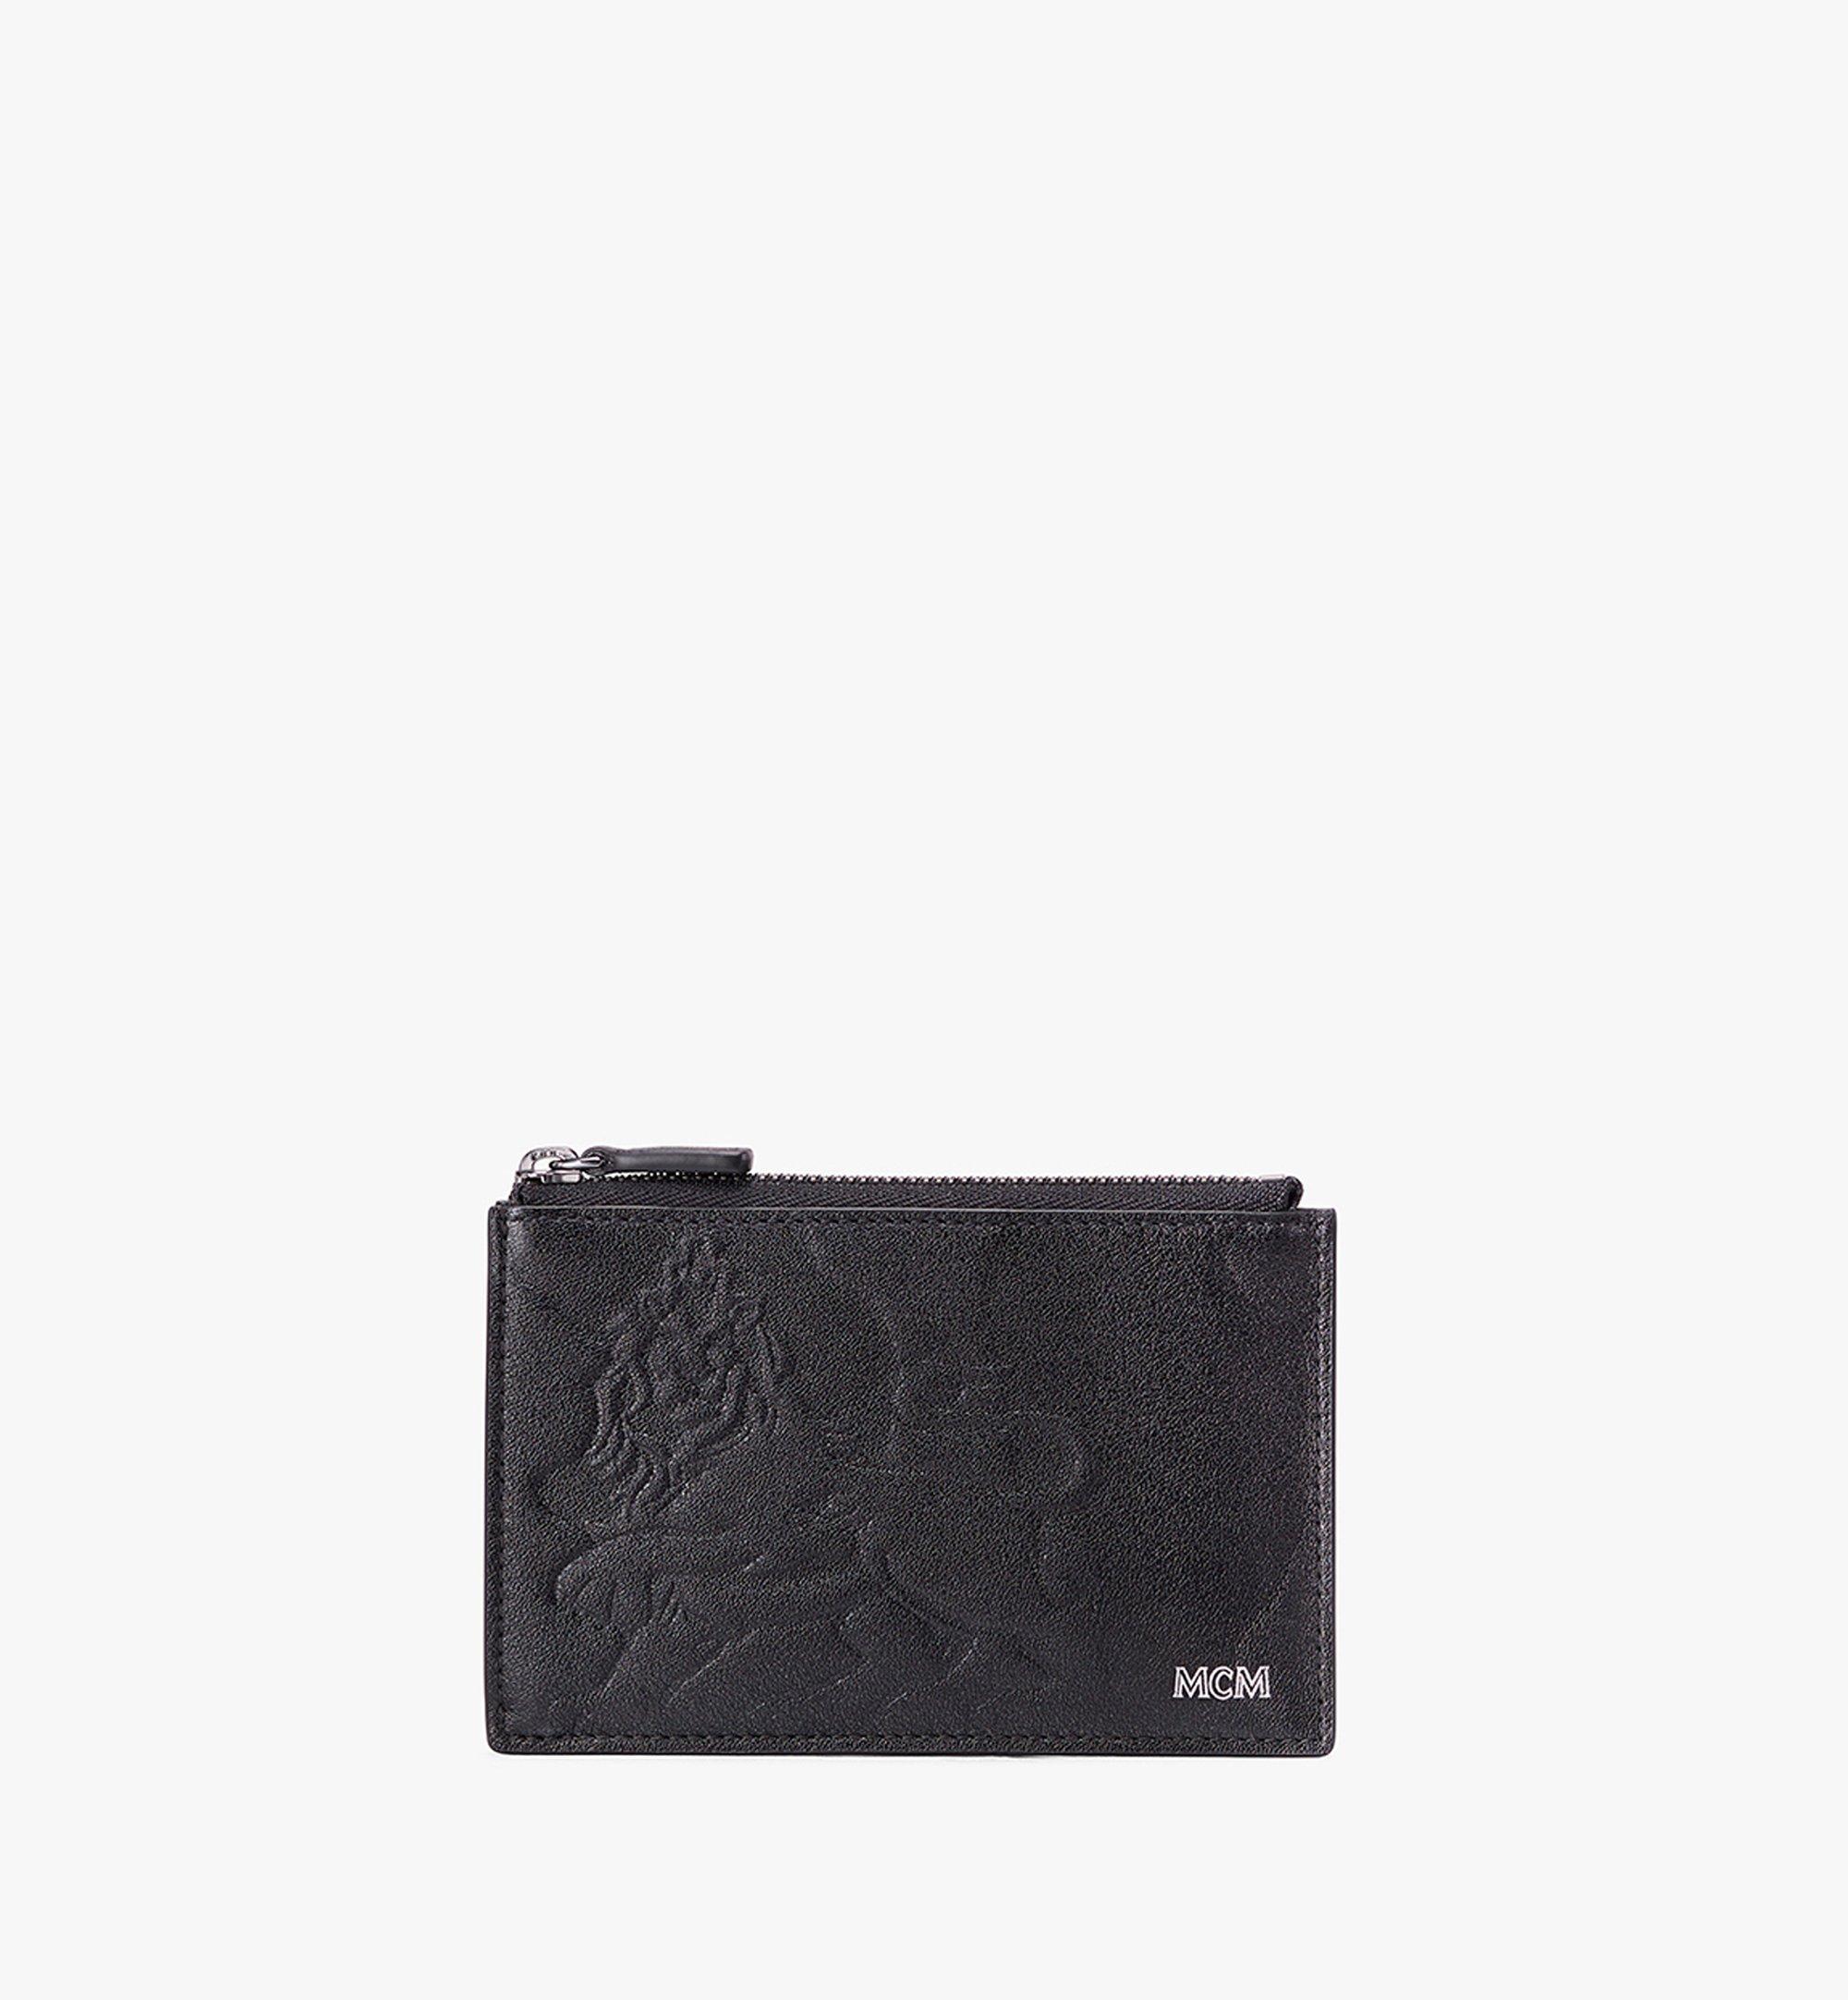 MCM Coin Card Holder in Embossed Lion Camo Black MXA9AES14BK001 Alternate View 1